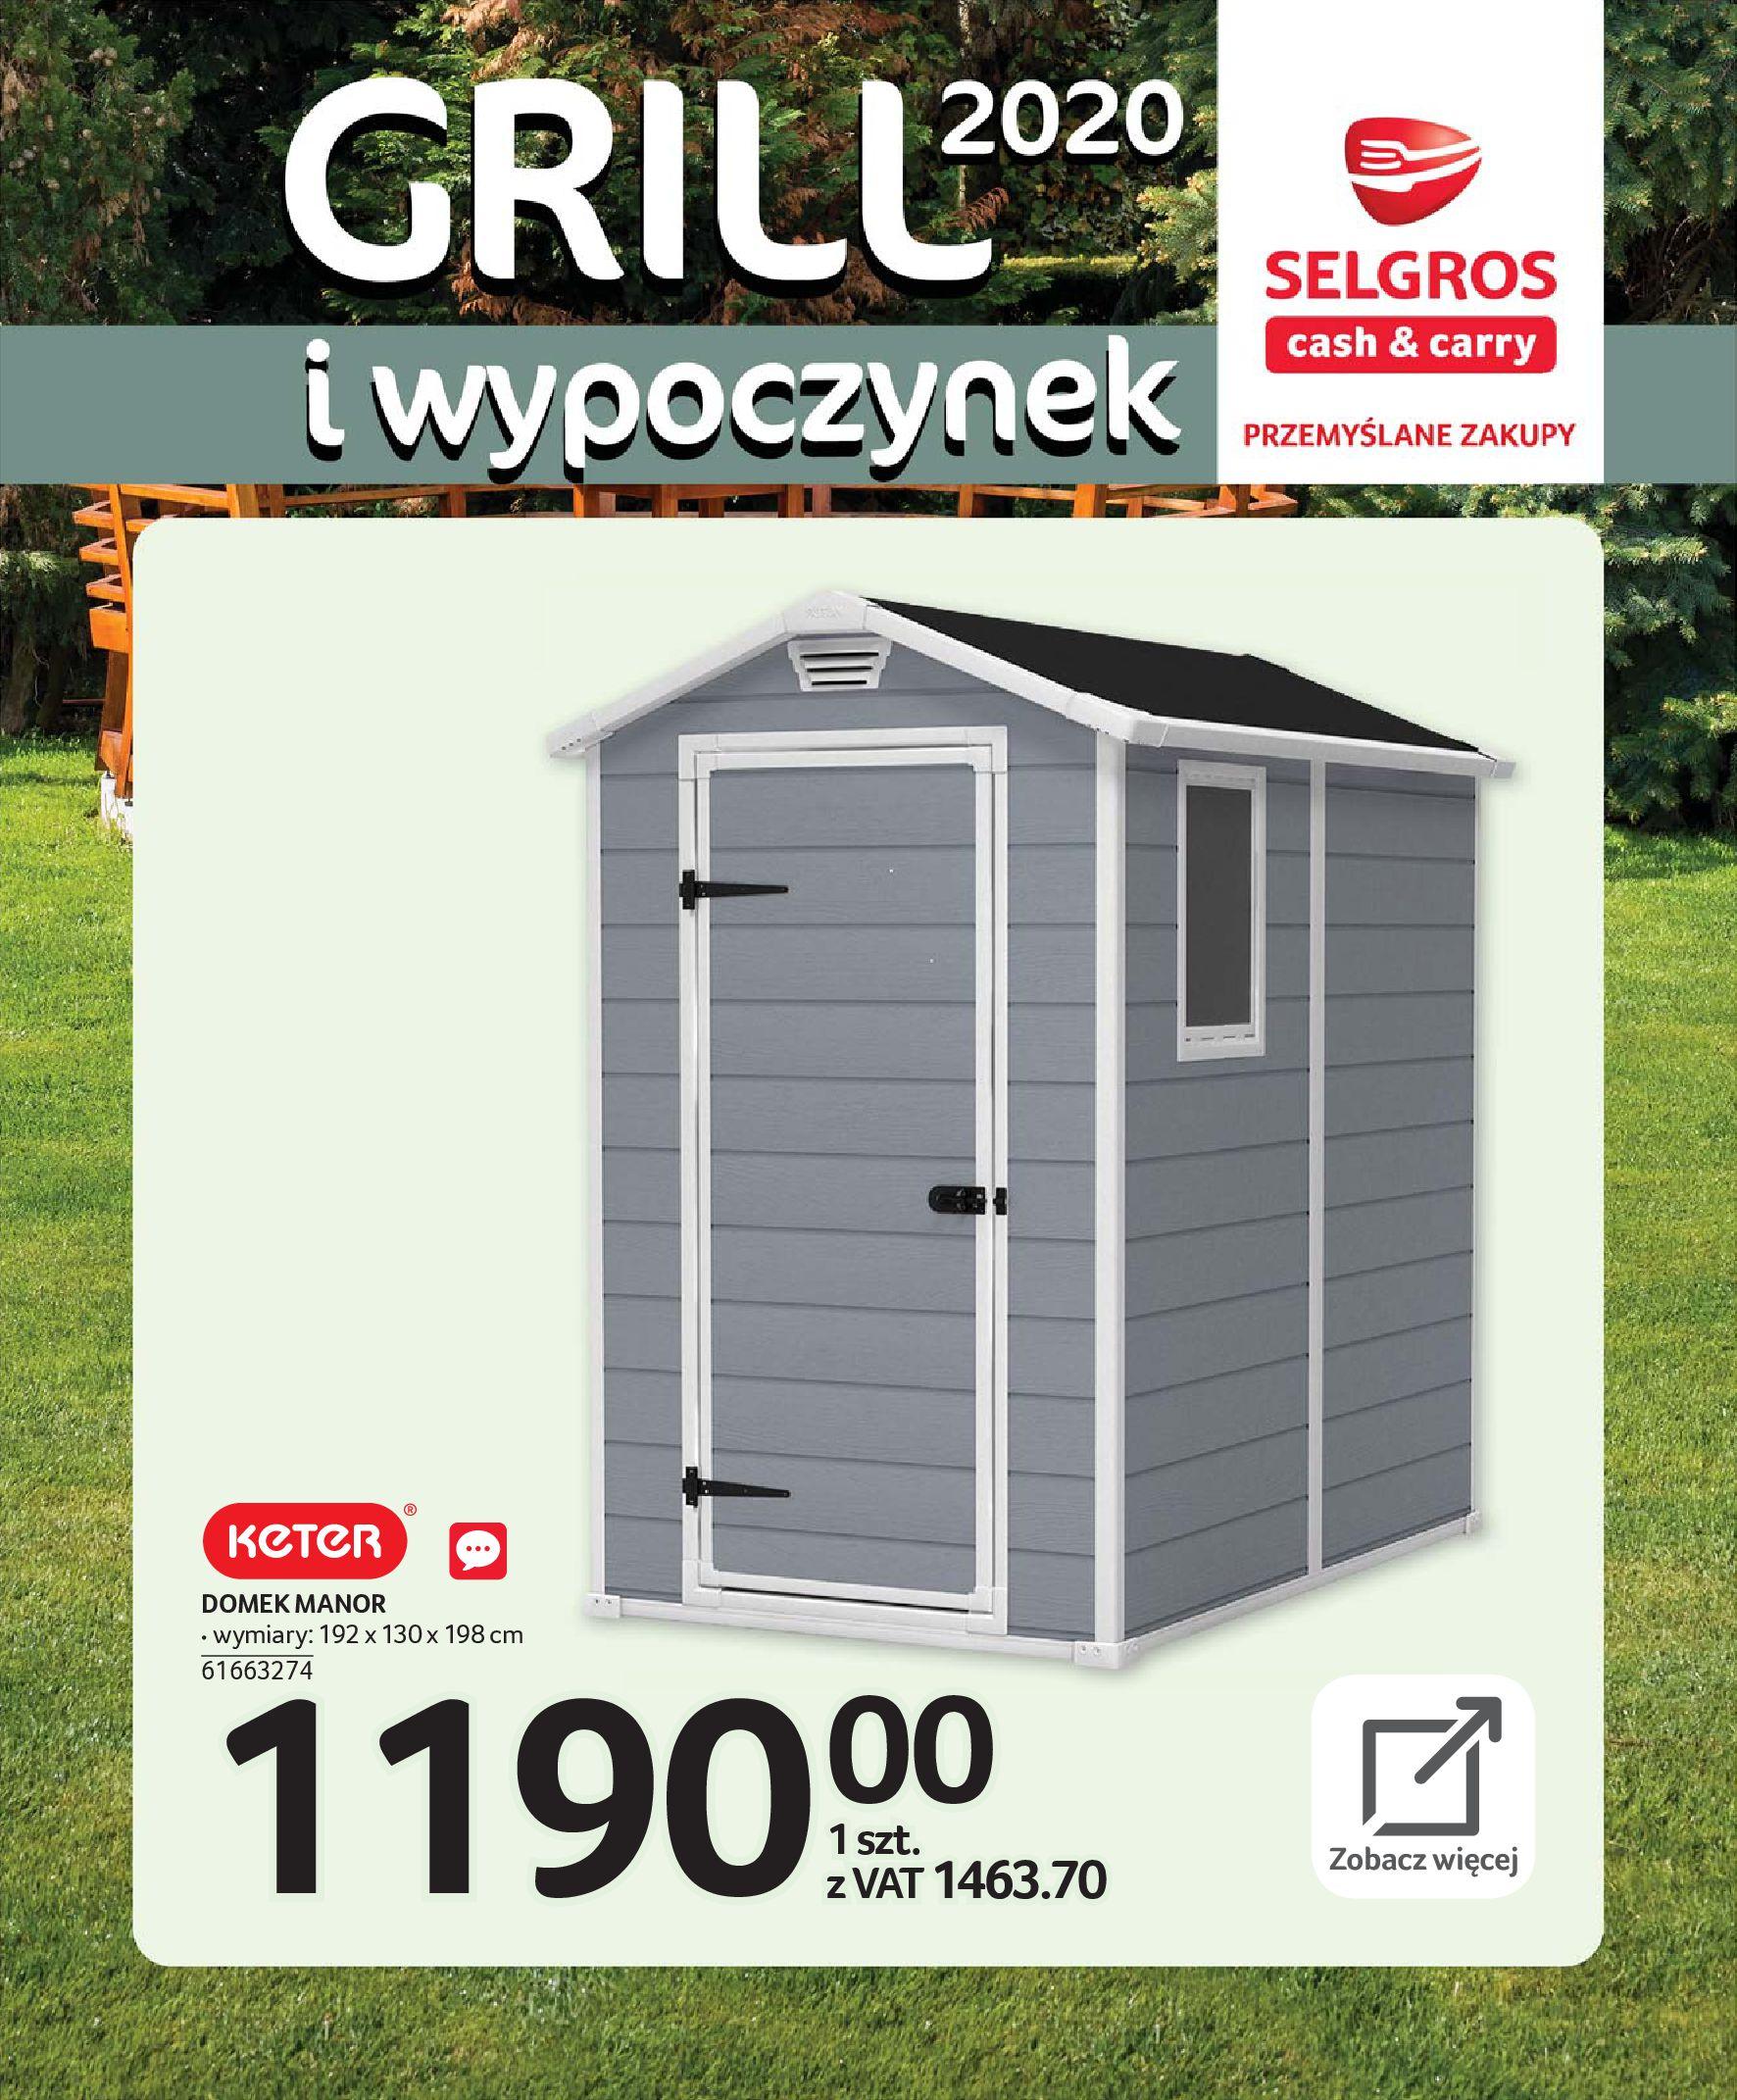 Gazetka Selgros - Katalog - Grill i wypoczynek-31.03.2020-31.08.2020-page-27